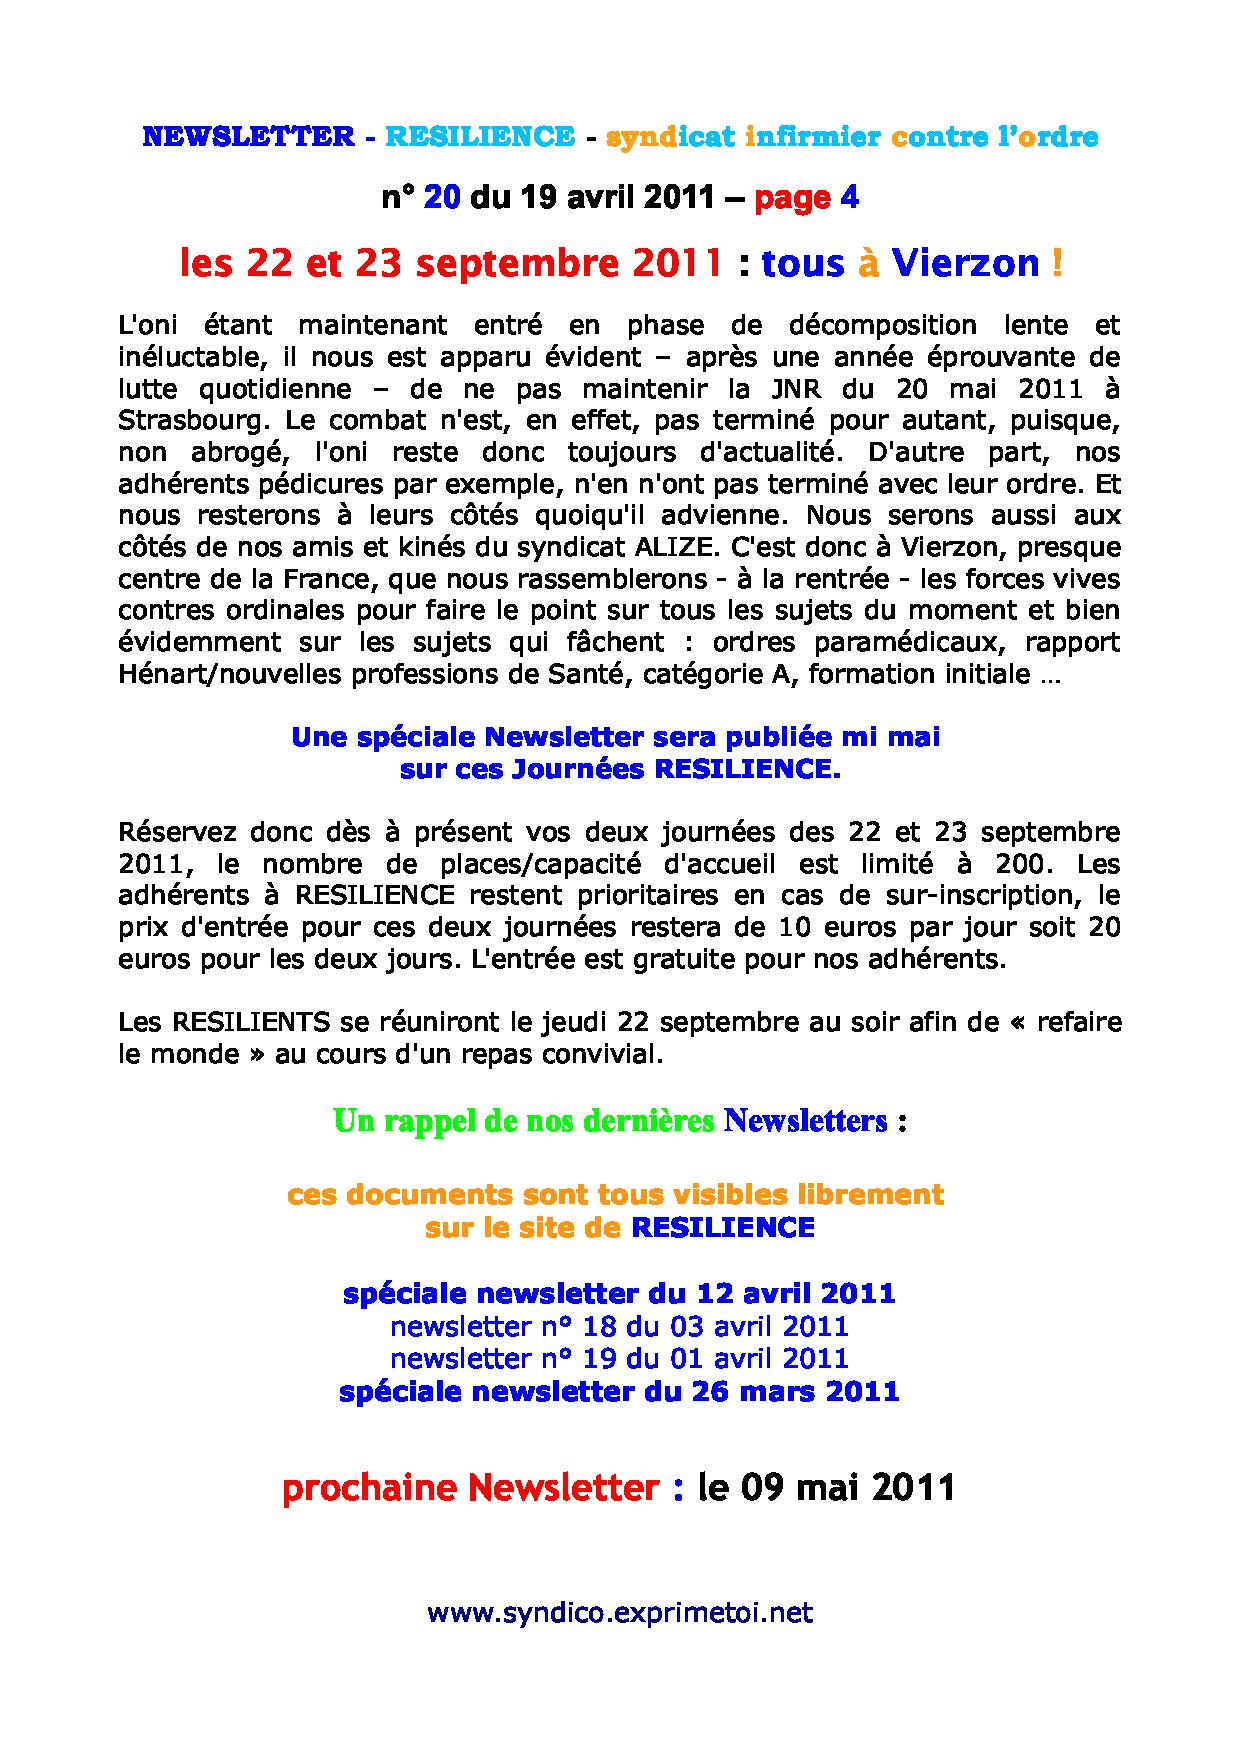 newsletter n° 20 du 19 avril 2011 1104280158051139708069288